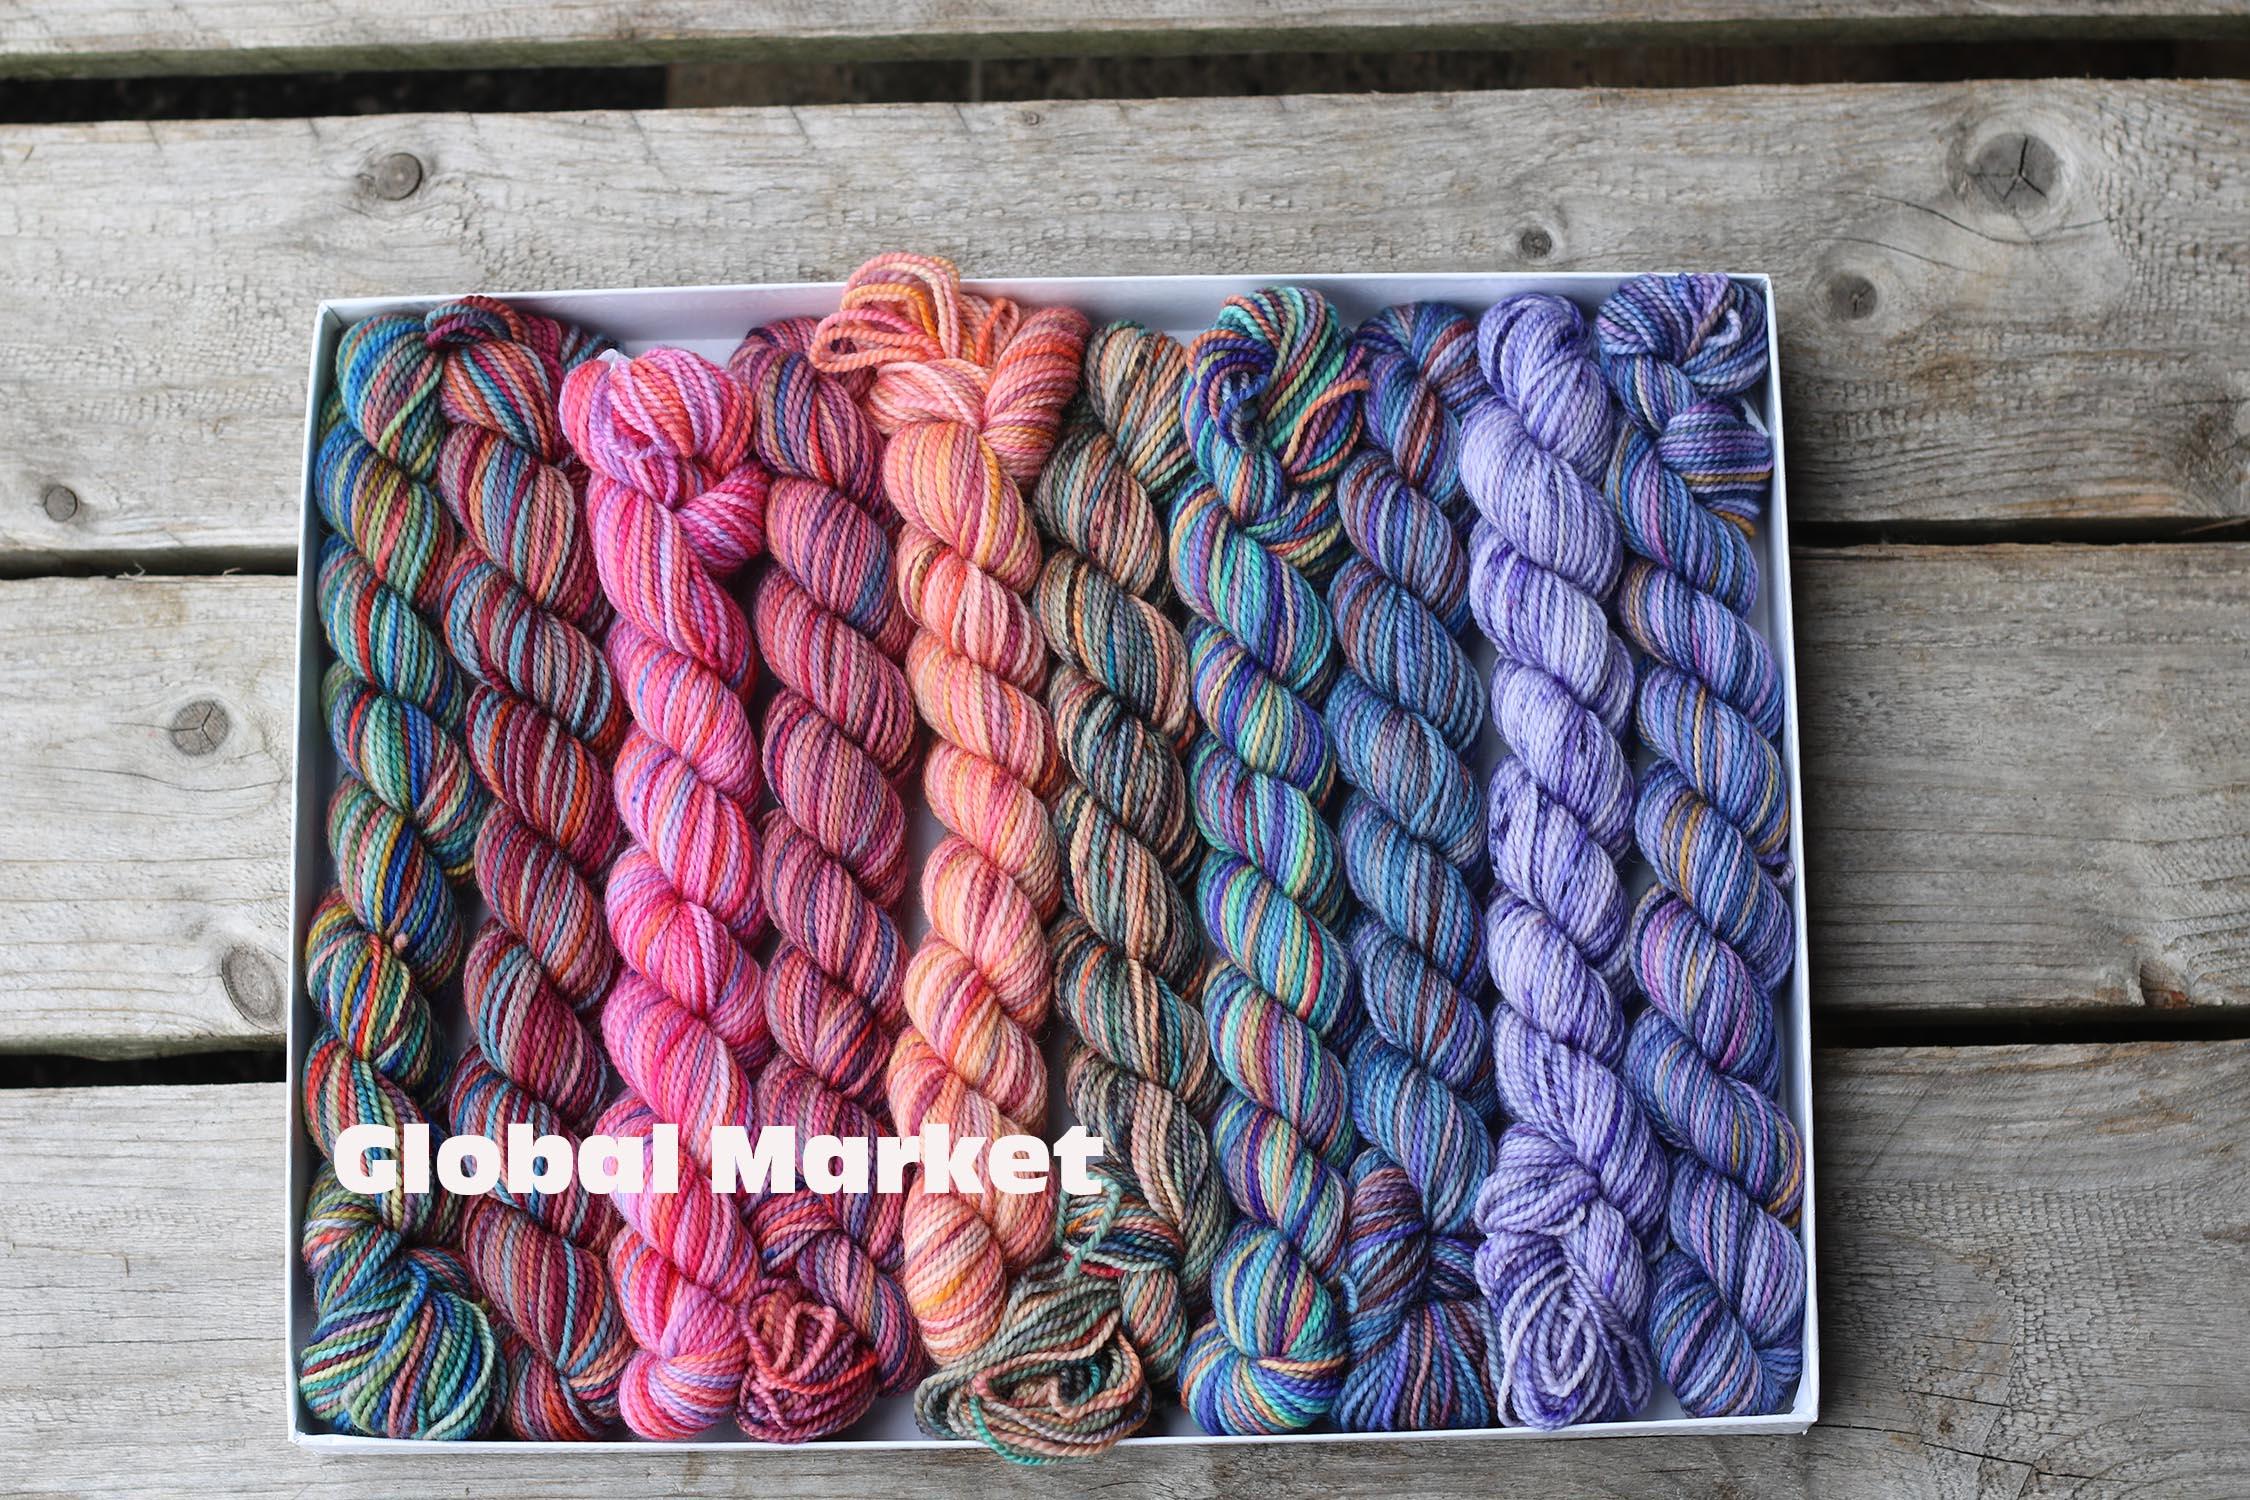 global market IMG_3854.jpg